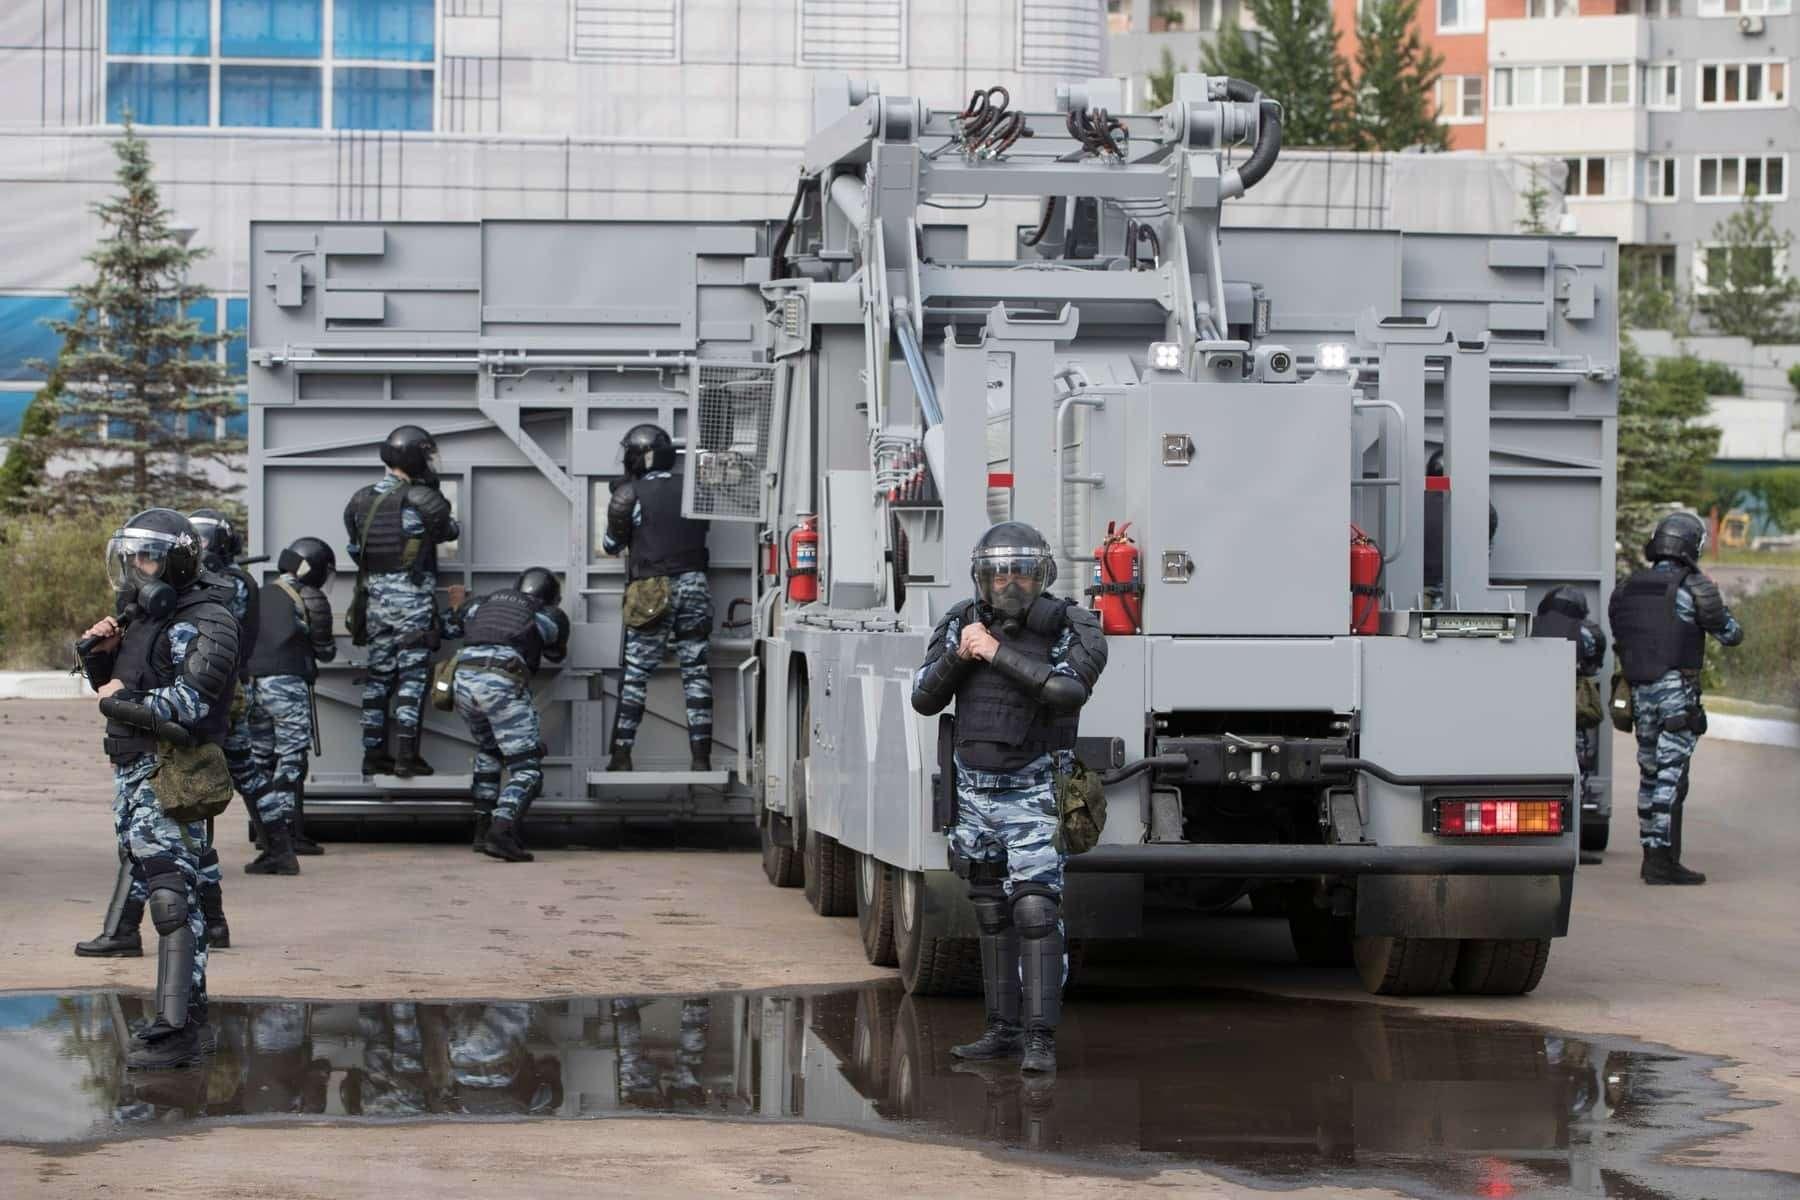 Комплекс «Стена»: Росгвардия получит новую технику дляразгона митингов— фото 906552